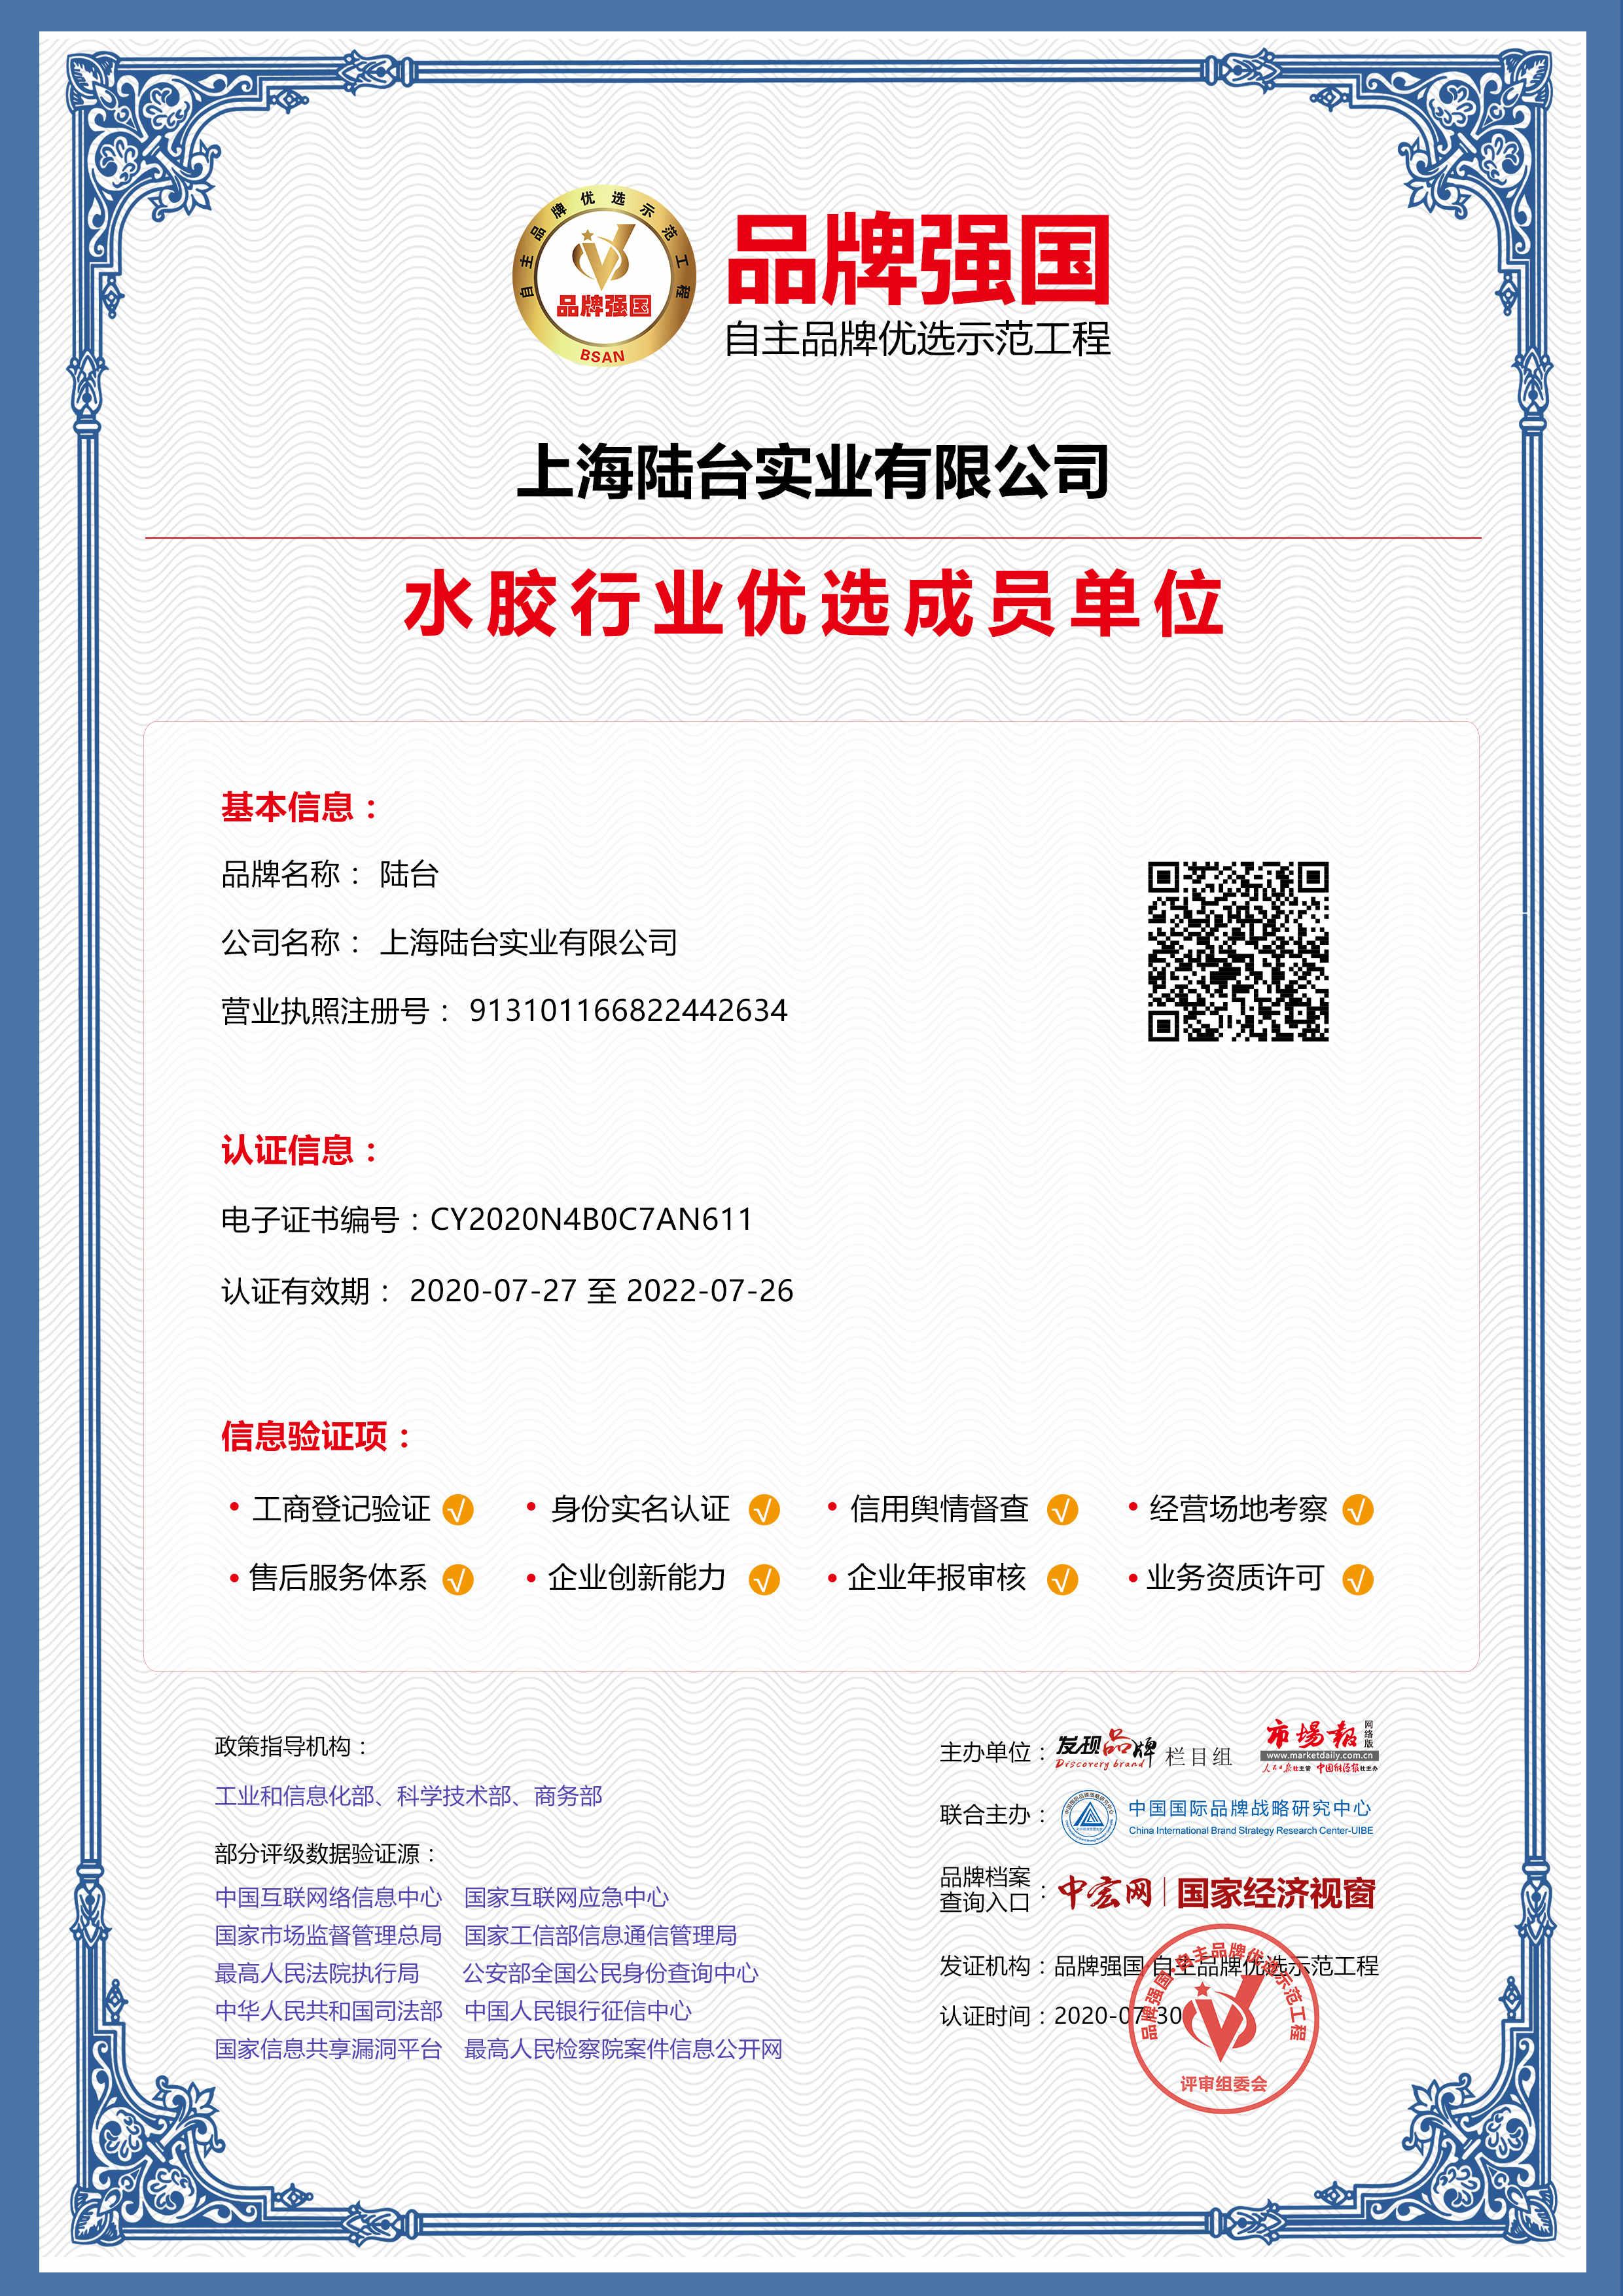 【喜讯】上海陆台成功入选品牌强国示范工程